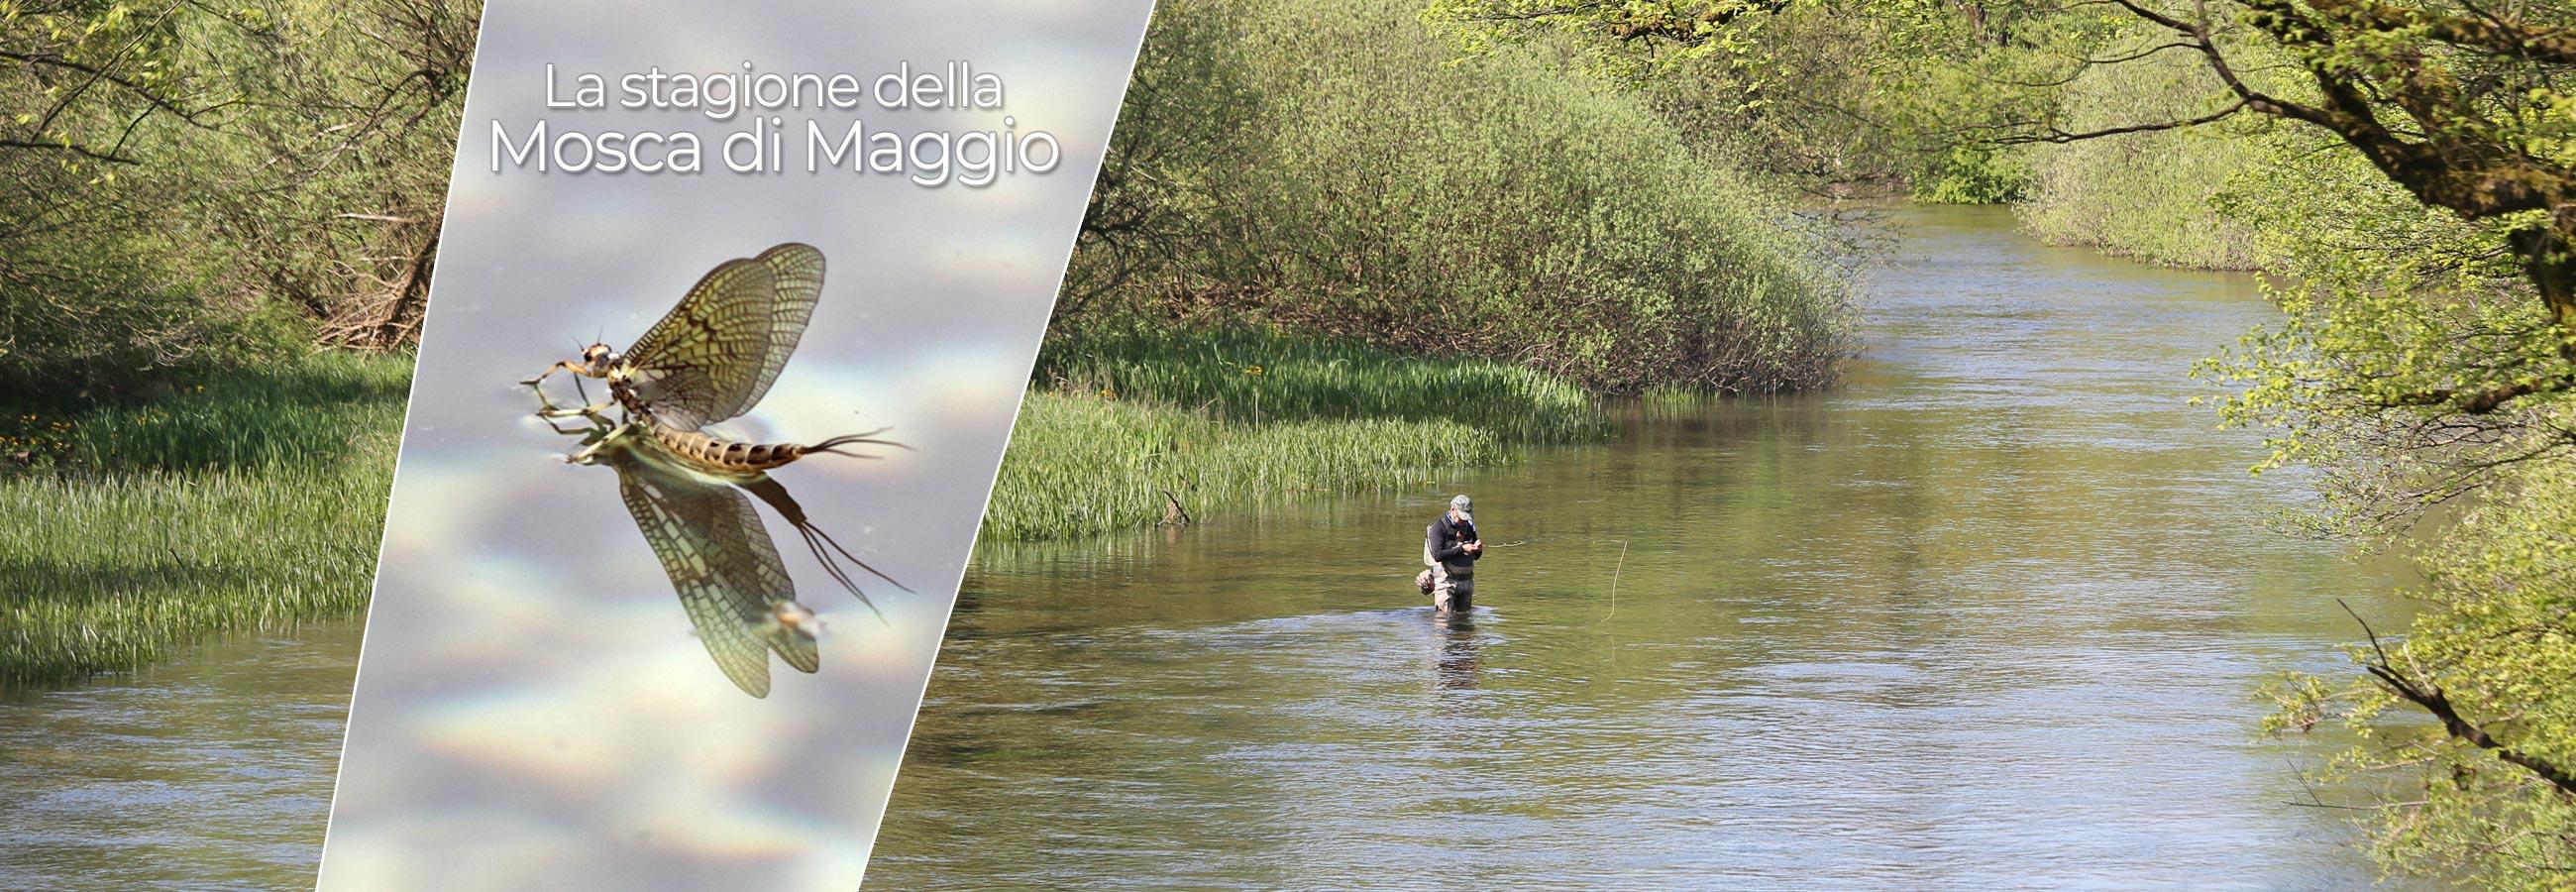 La stagione della Mosca di Maggio - Pesca a mosca